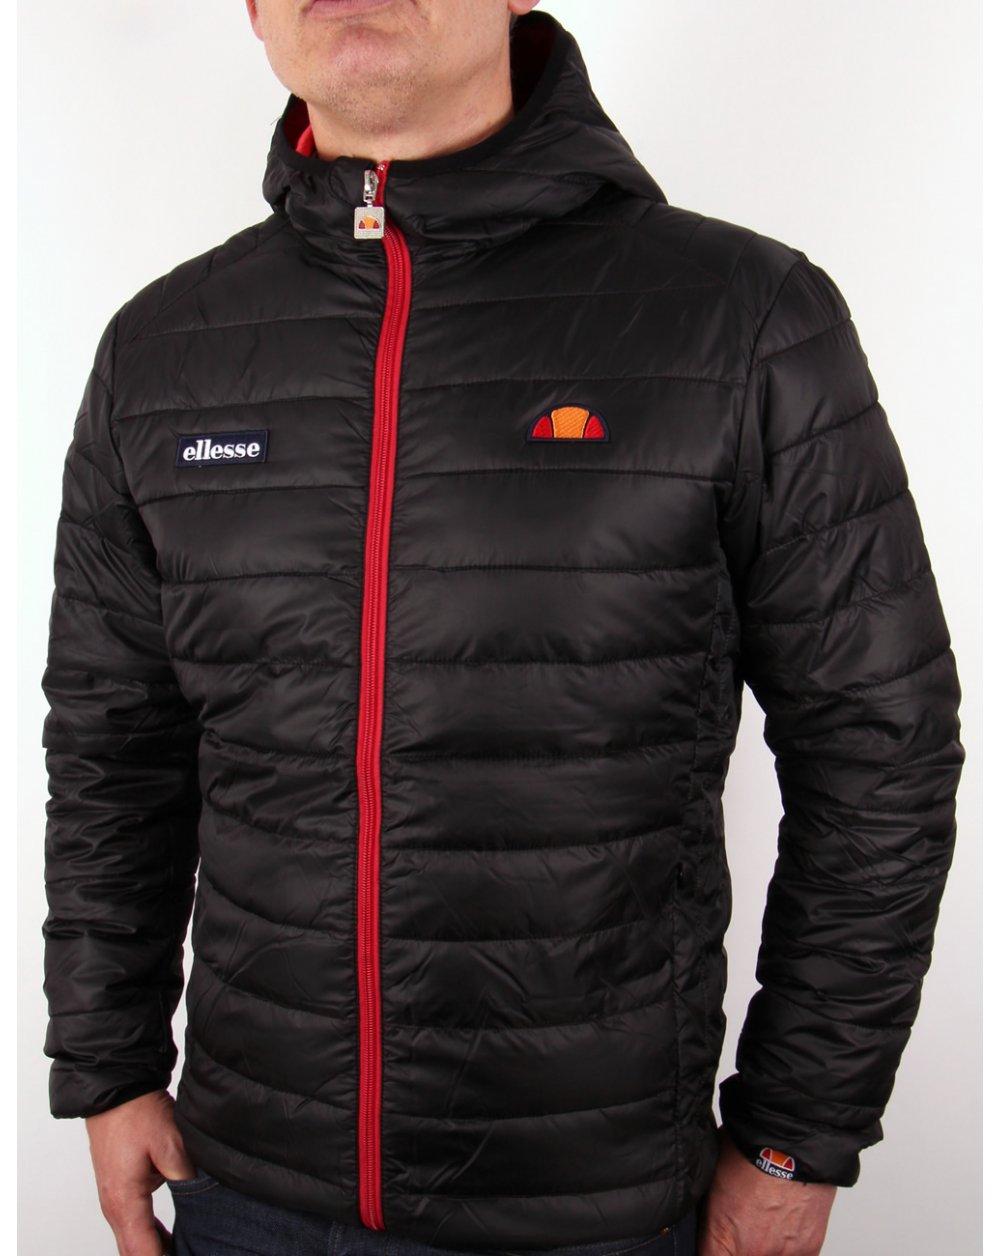 ellesse lombardy puffer jacket black padded coat. Black Bedroom Furniture Sets. Home Design Ideas